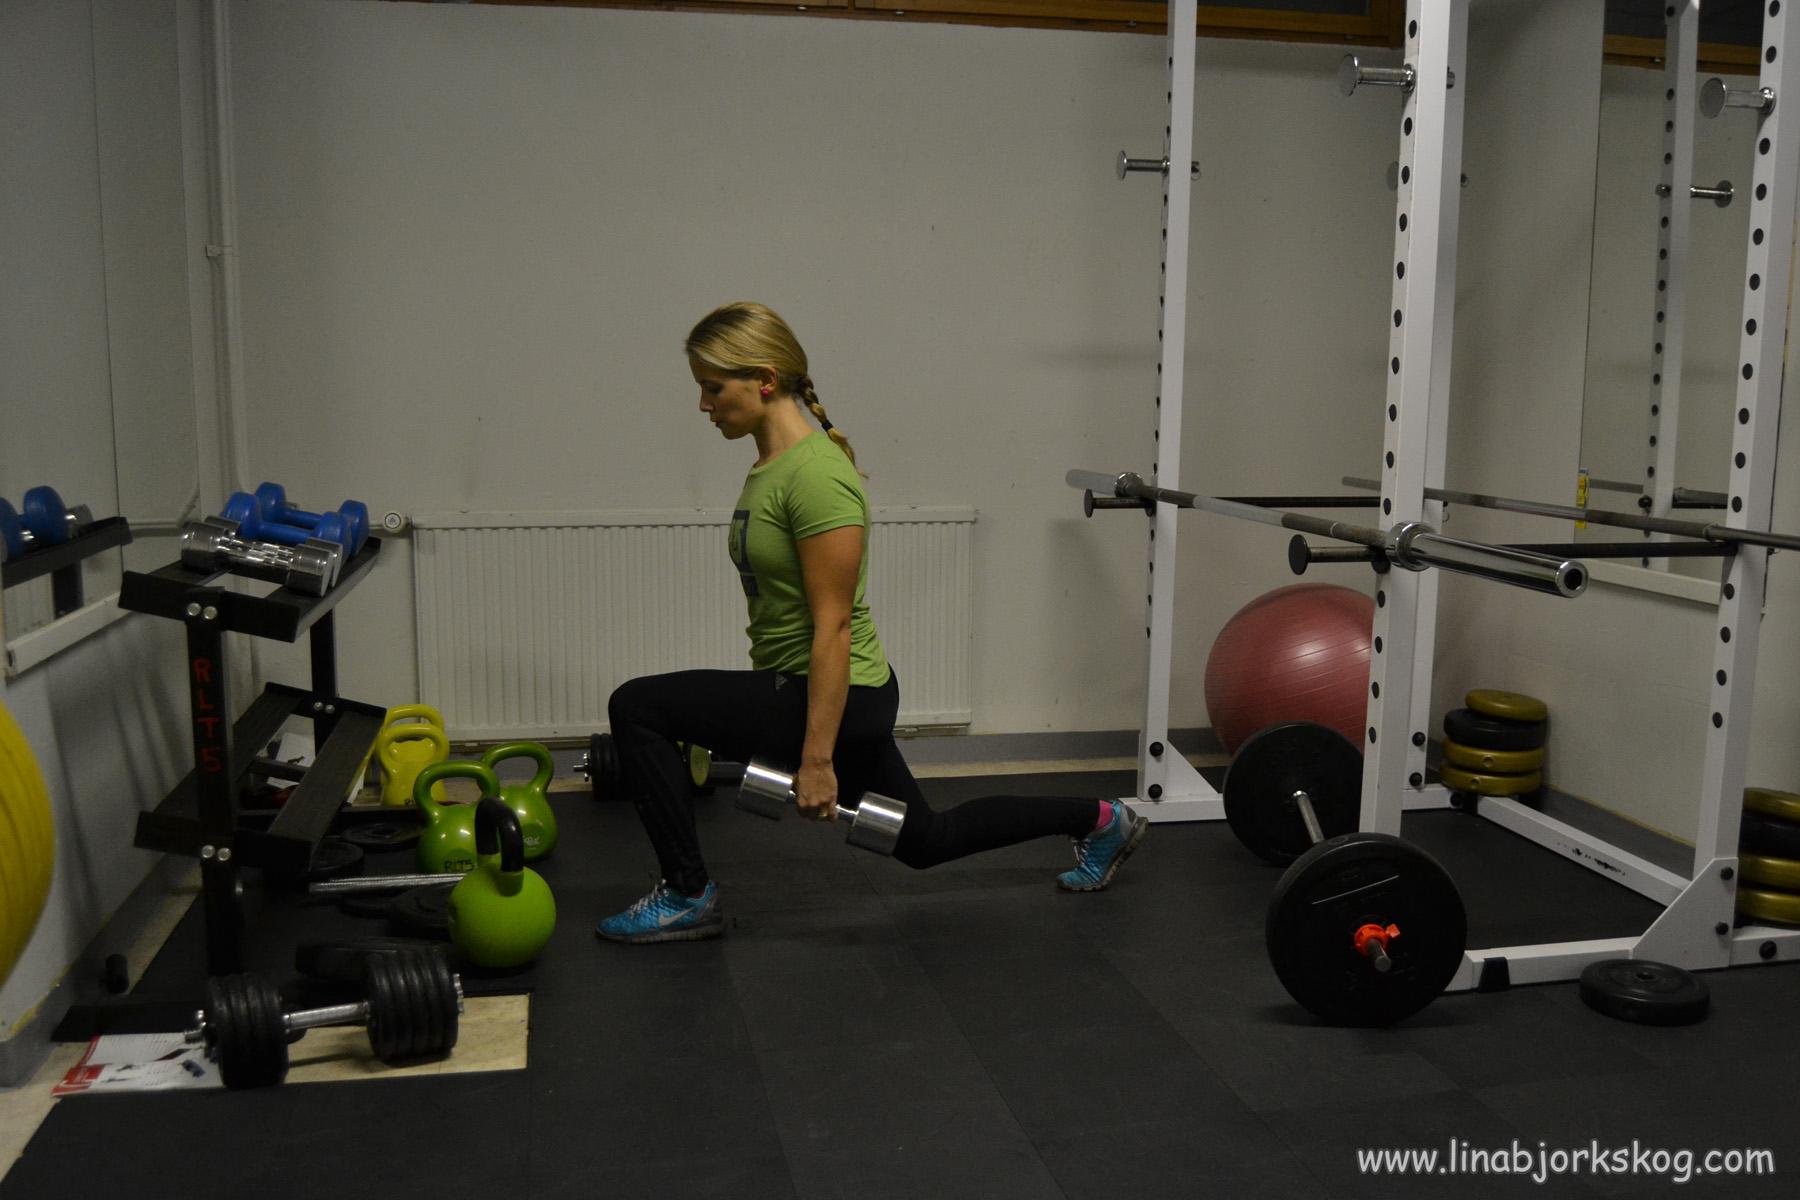 Paus från träningen försämrar träningsformen